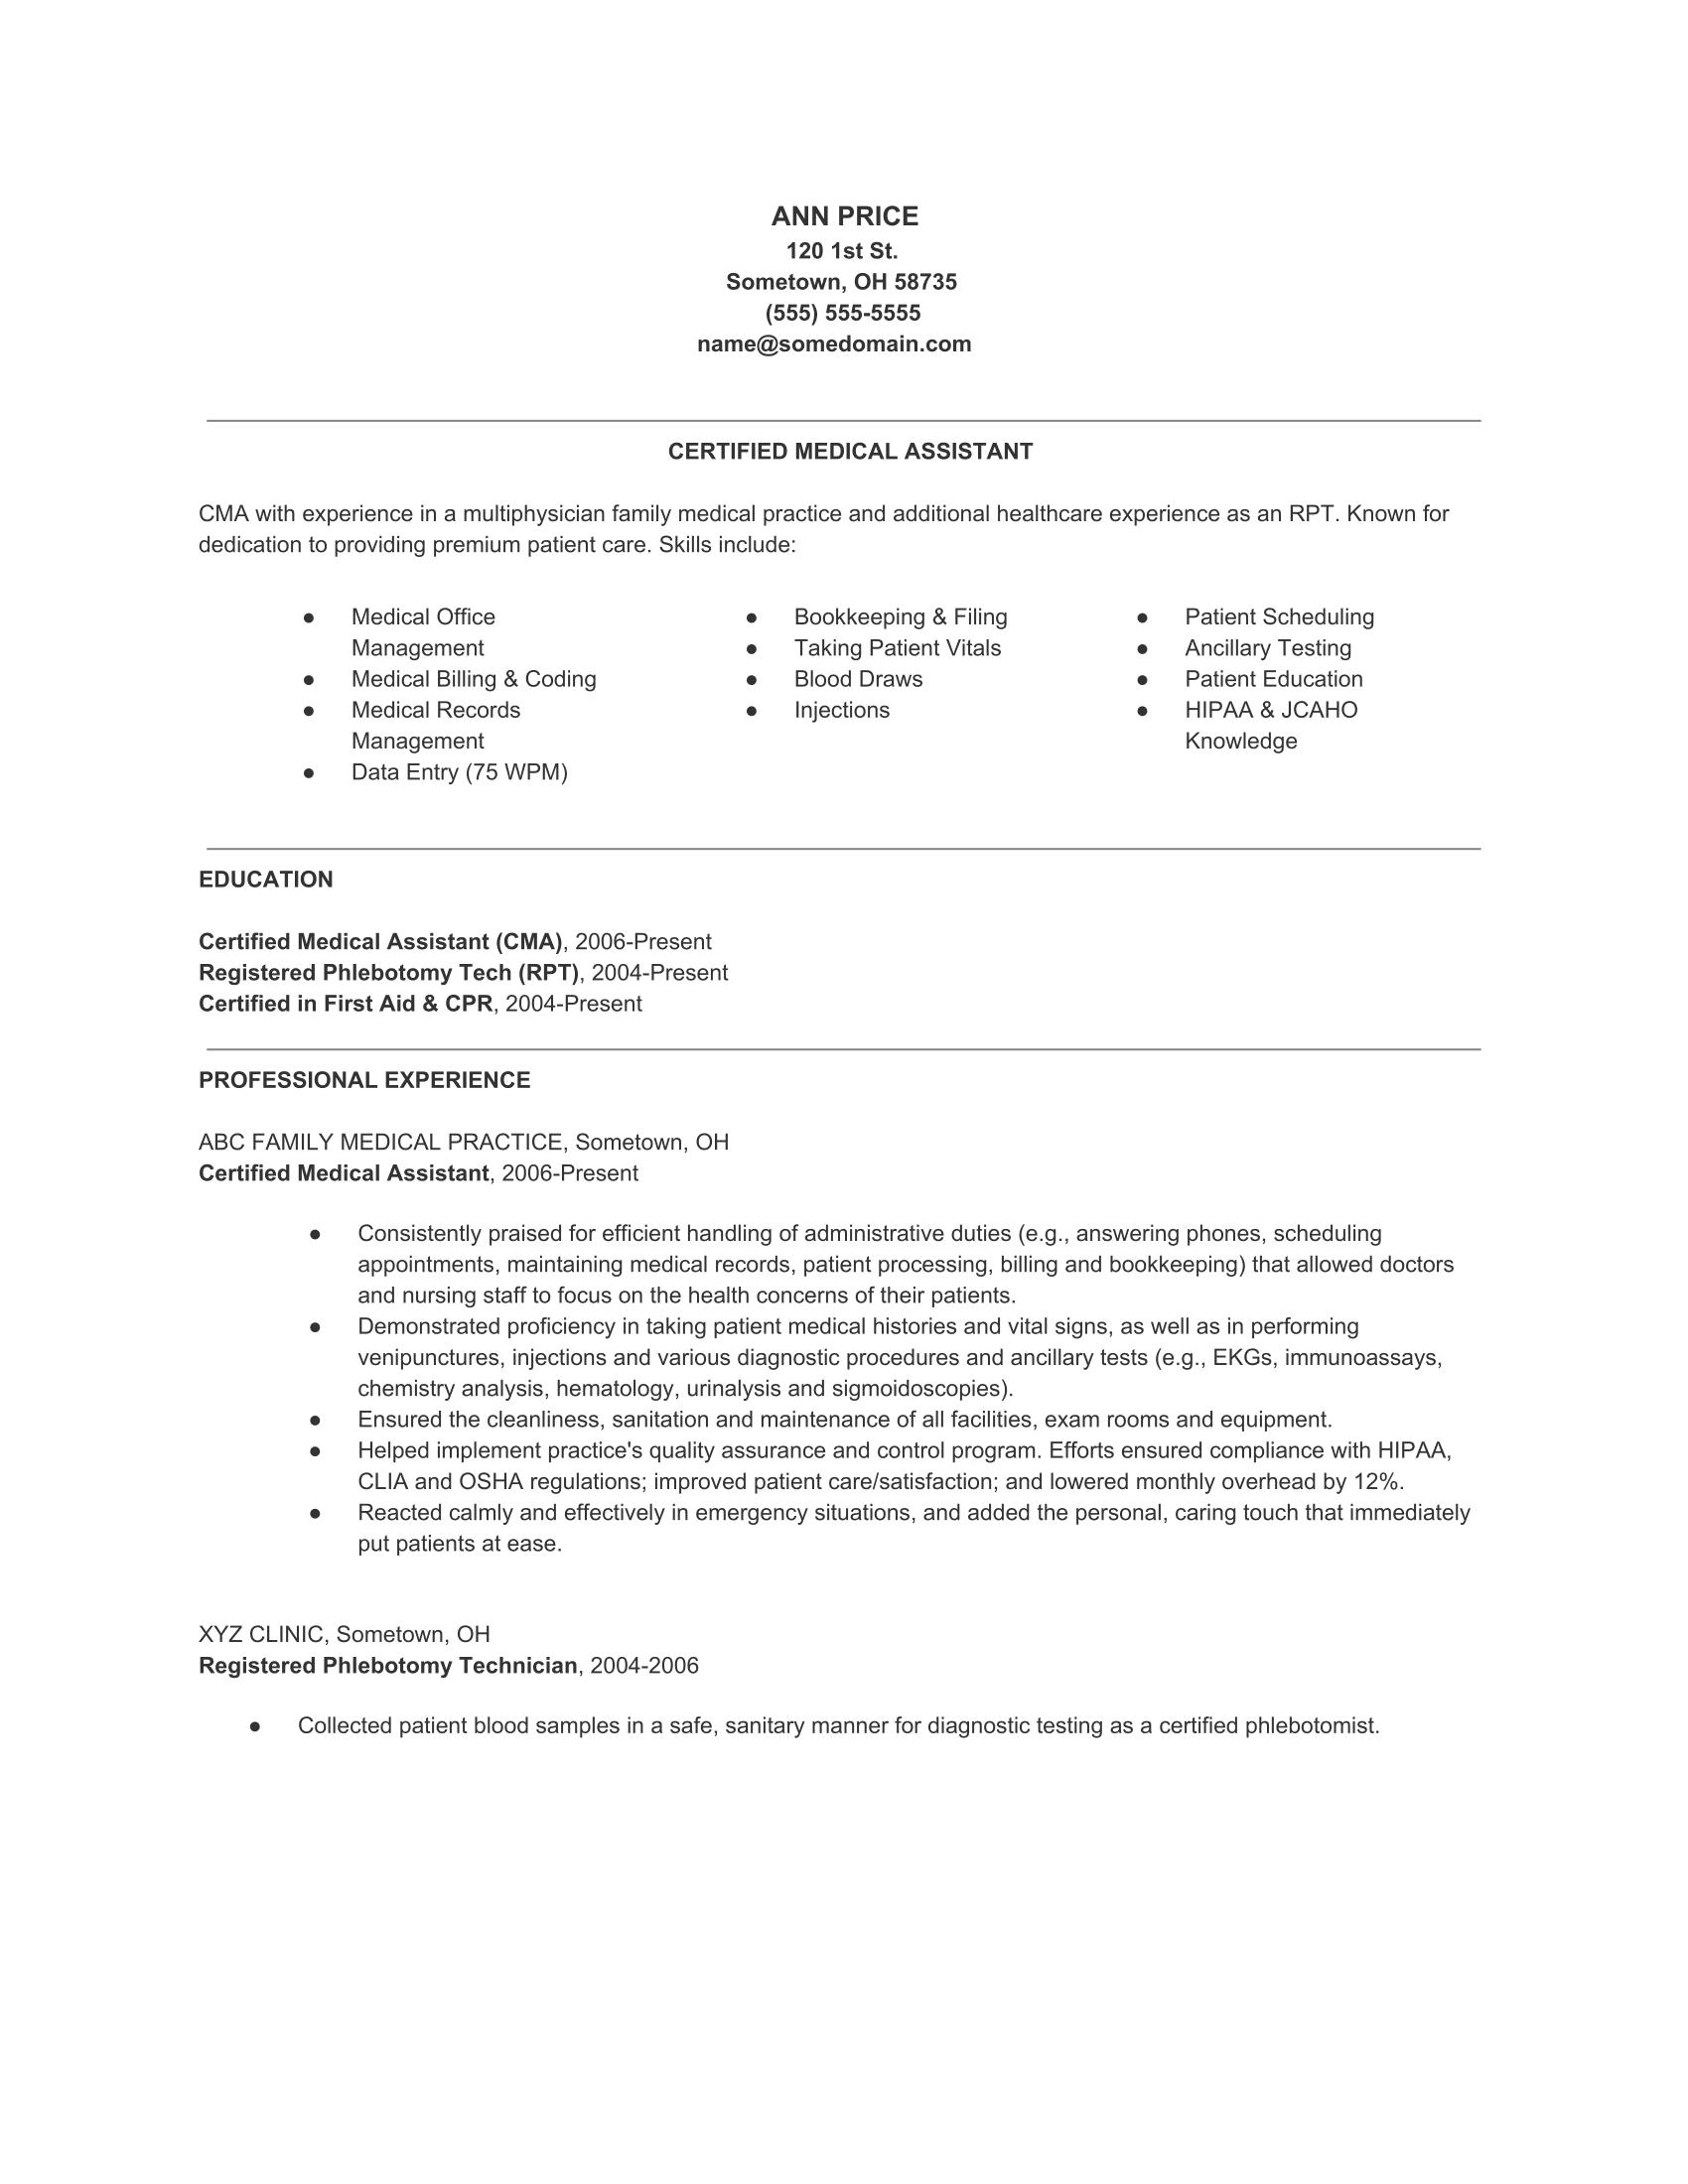 Resume Volunteer Work Experience Sample Resume Template